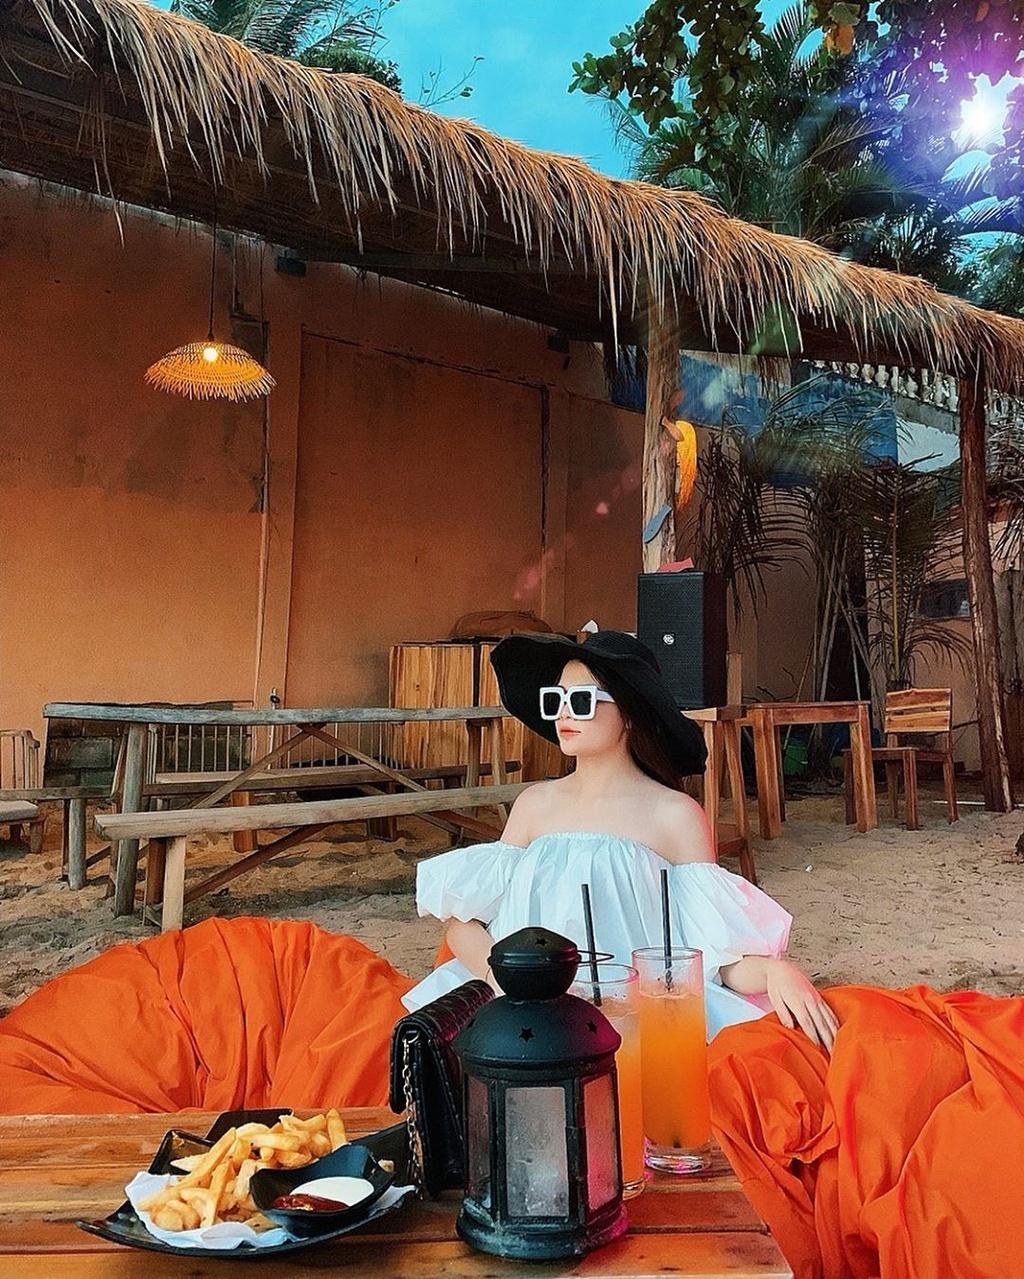 Chill het nac tai 4 diem ca phe view bien tuyet dep o Phu Quoc hinh anh 2  - _uynpu___1 - Chill hết nấc tại 4 điểm cà phê view biển tuyệt đẹp ở Phú Quốc